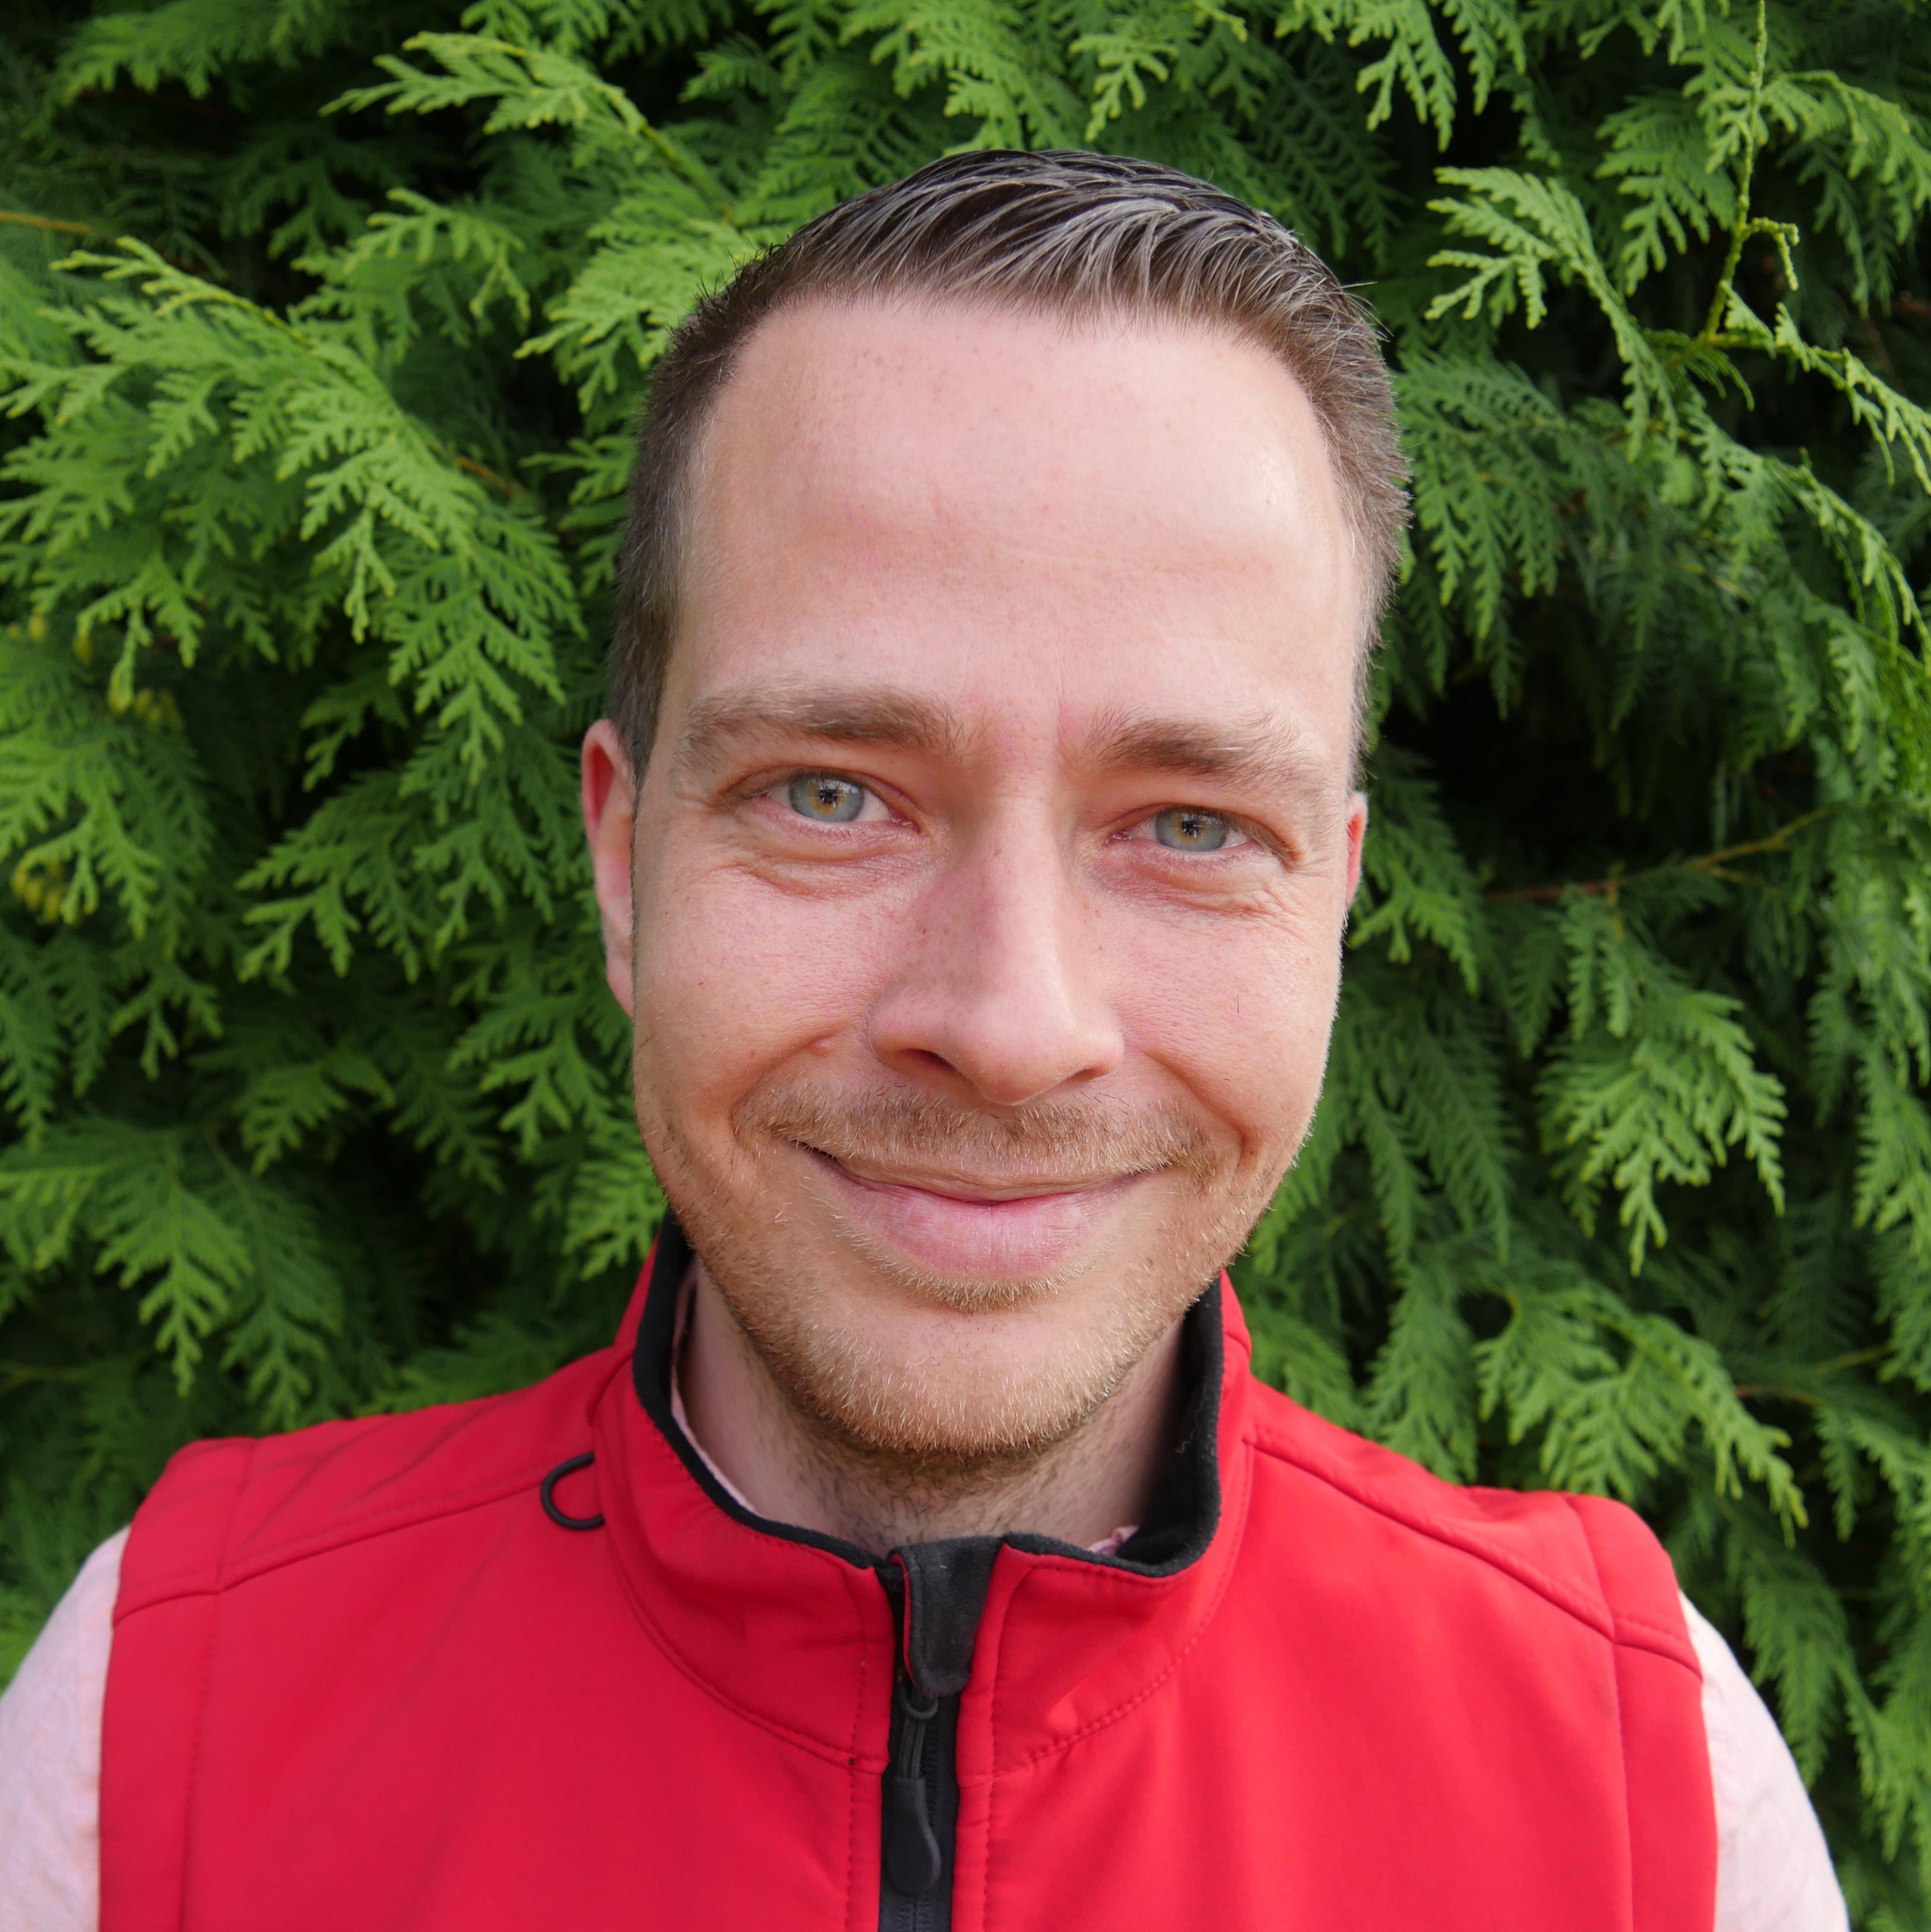 Christian Migowski